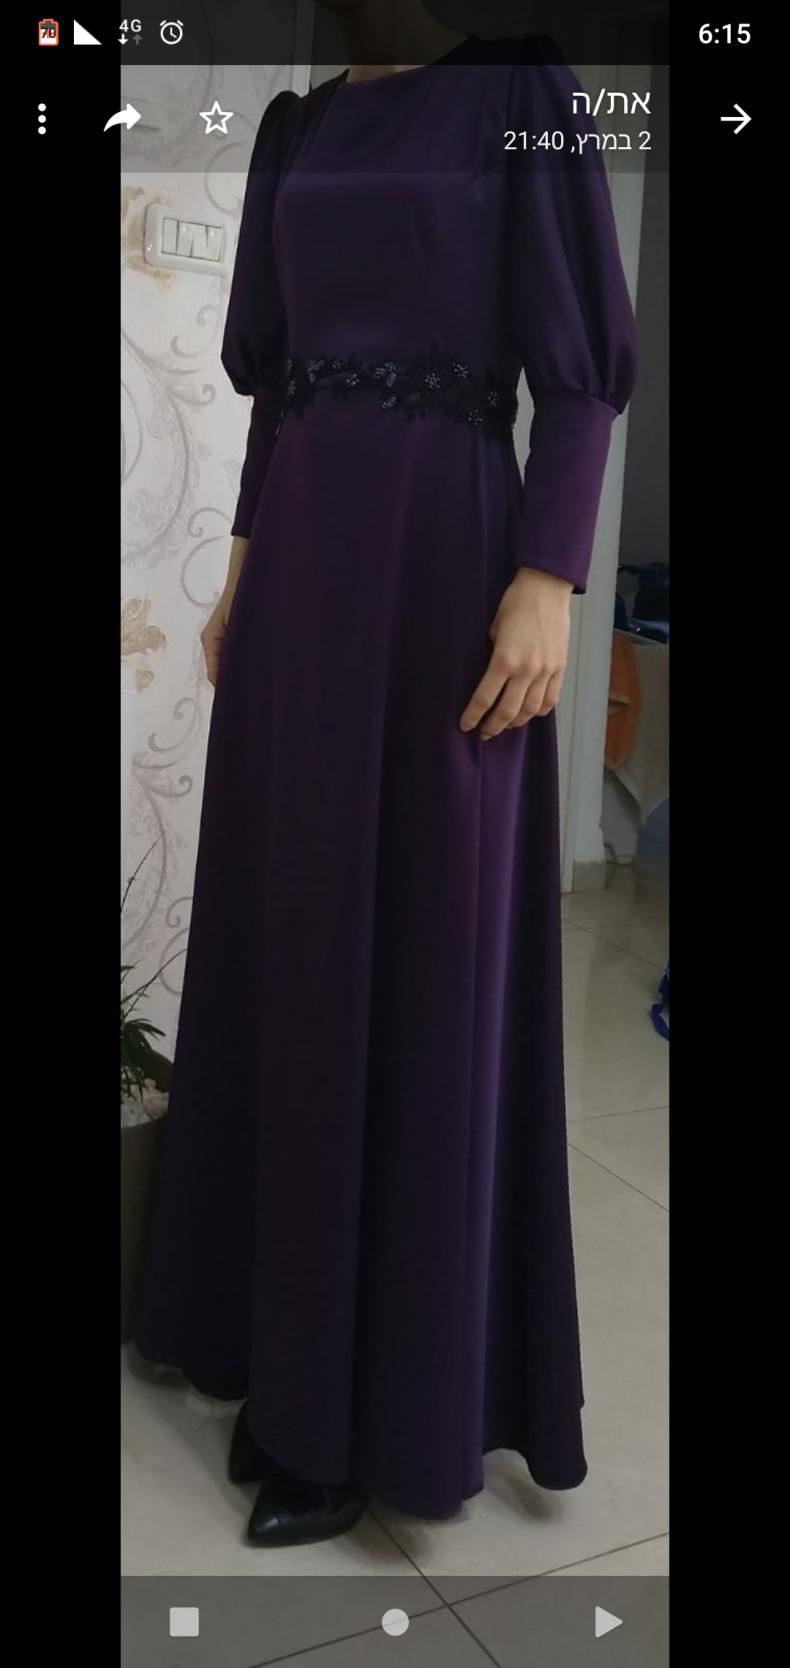 שמלת ערב מהממת למכירה